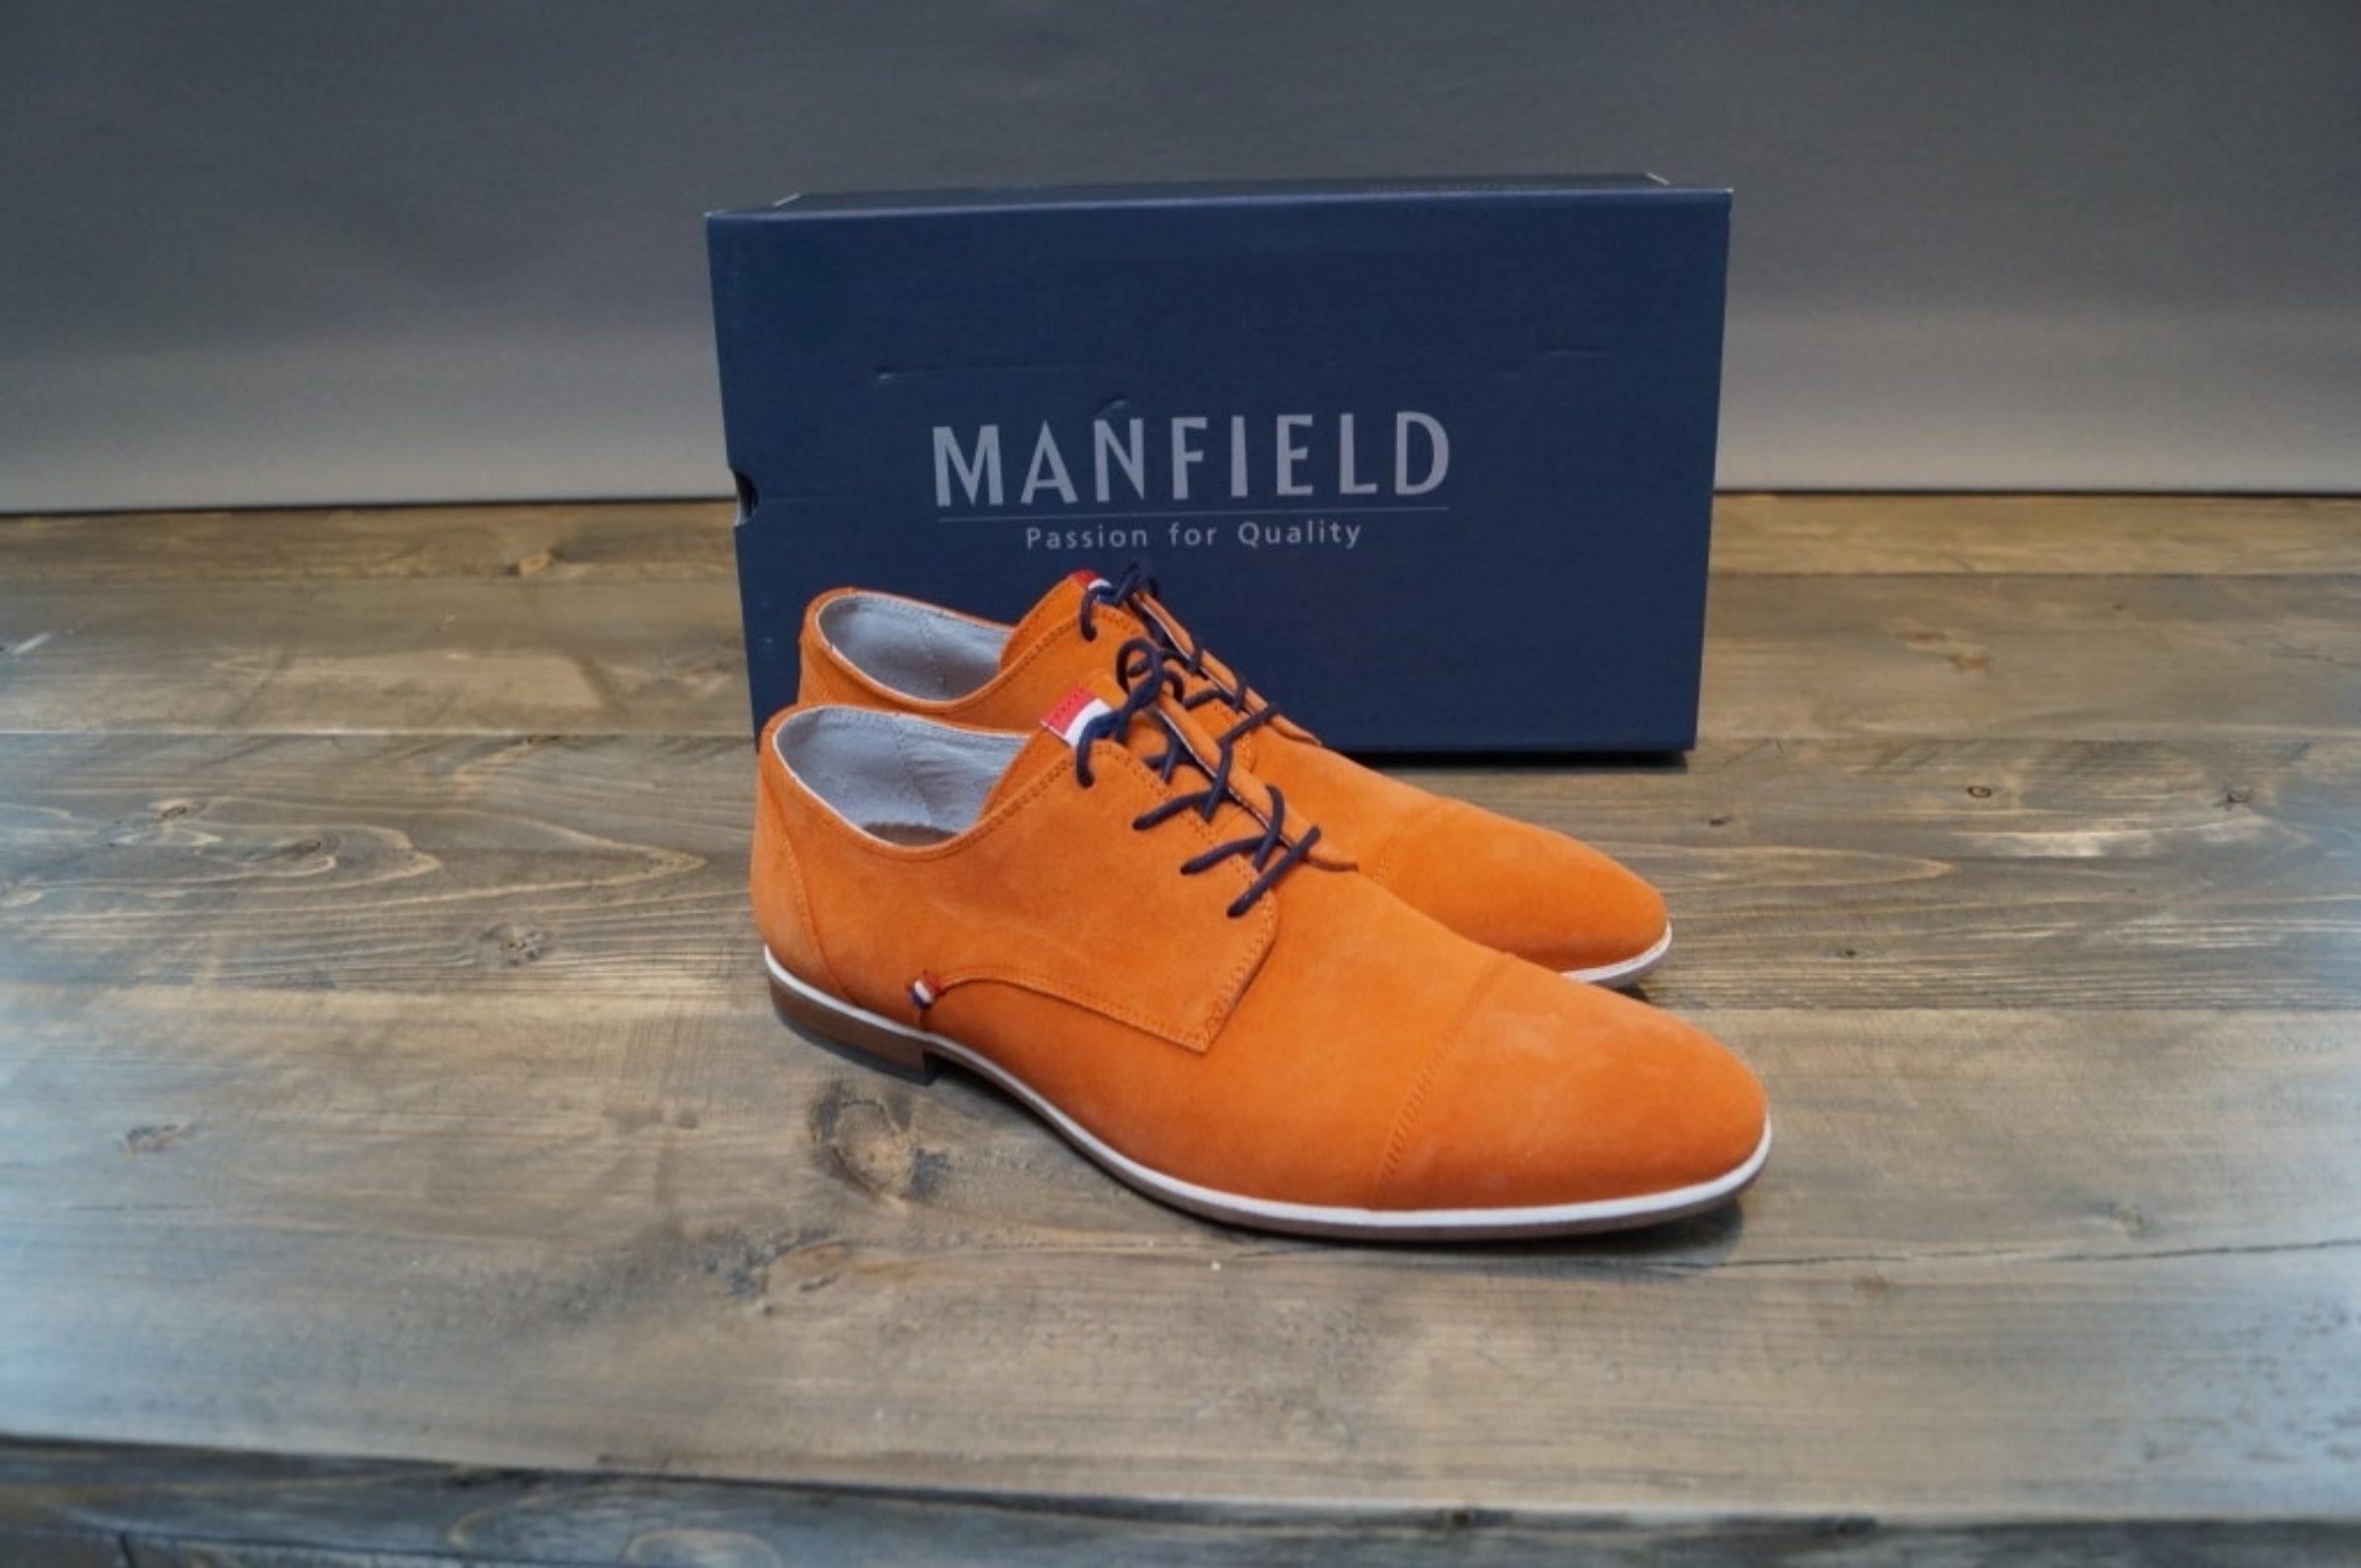 Manfield schoenen